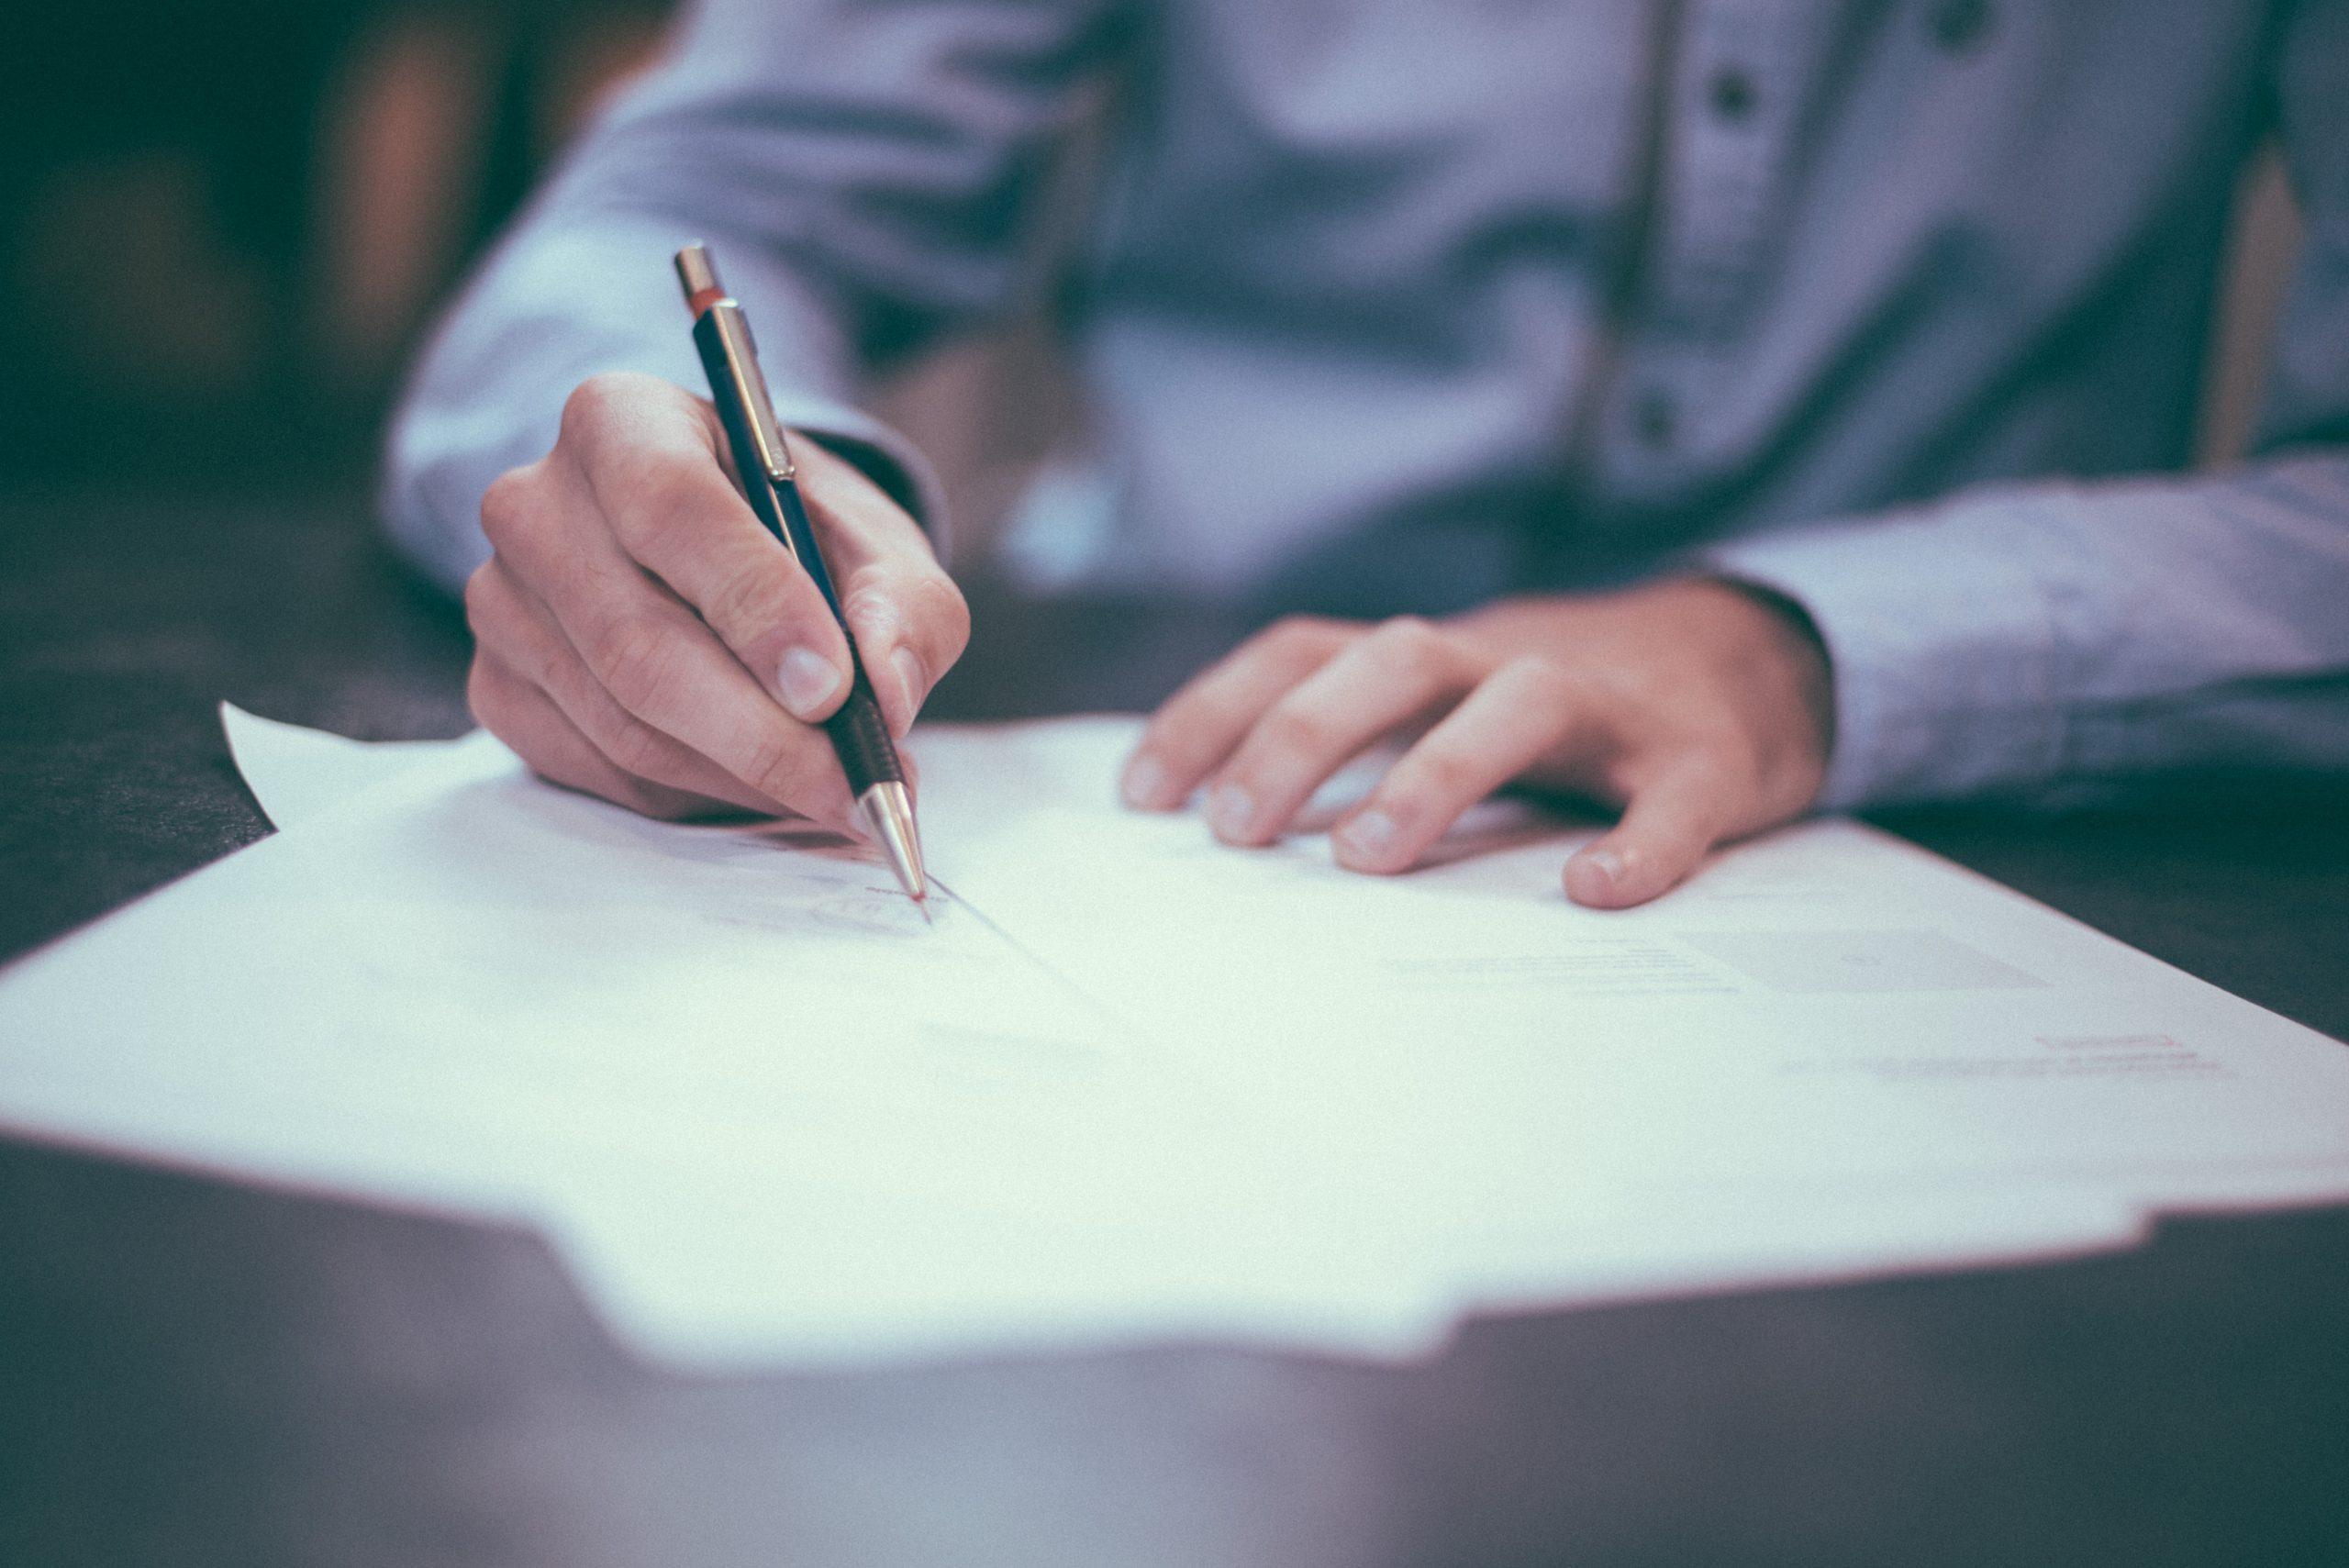 finiquito, liquidación, laboral, contrato, temas legales, recursos humanos, asesoría empresarial, sueldo, finanzas, economía , trabajador, legal